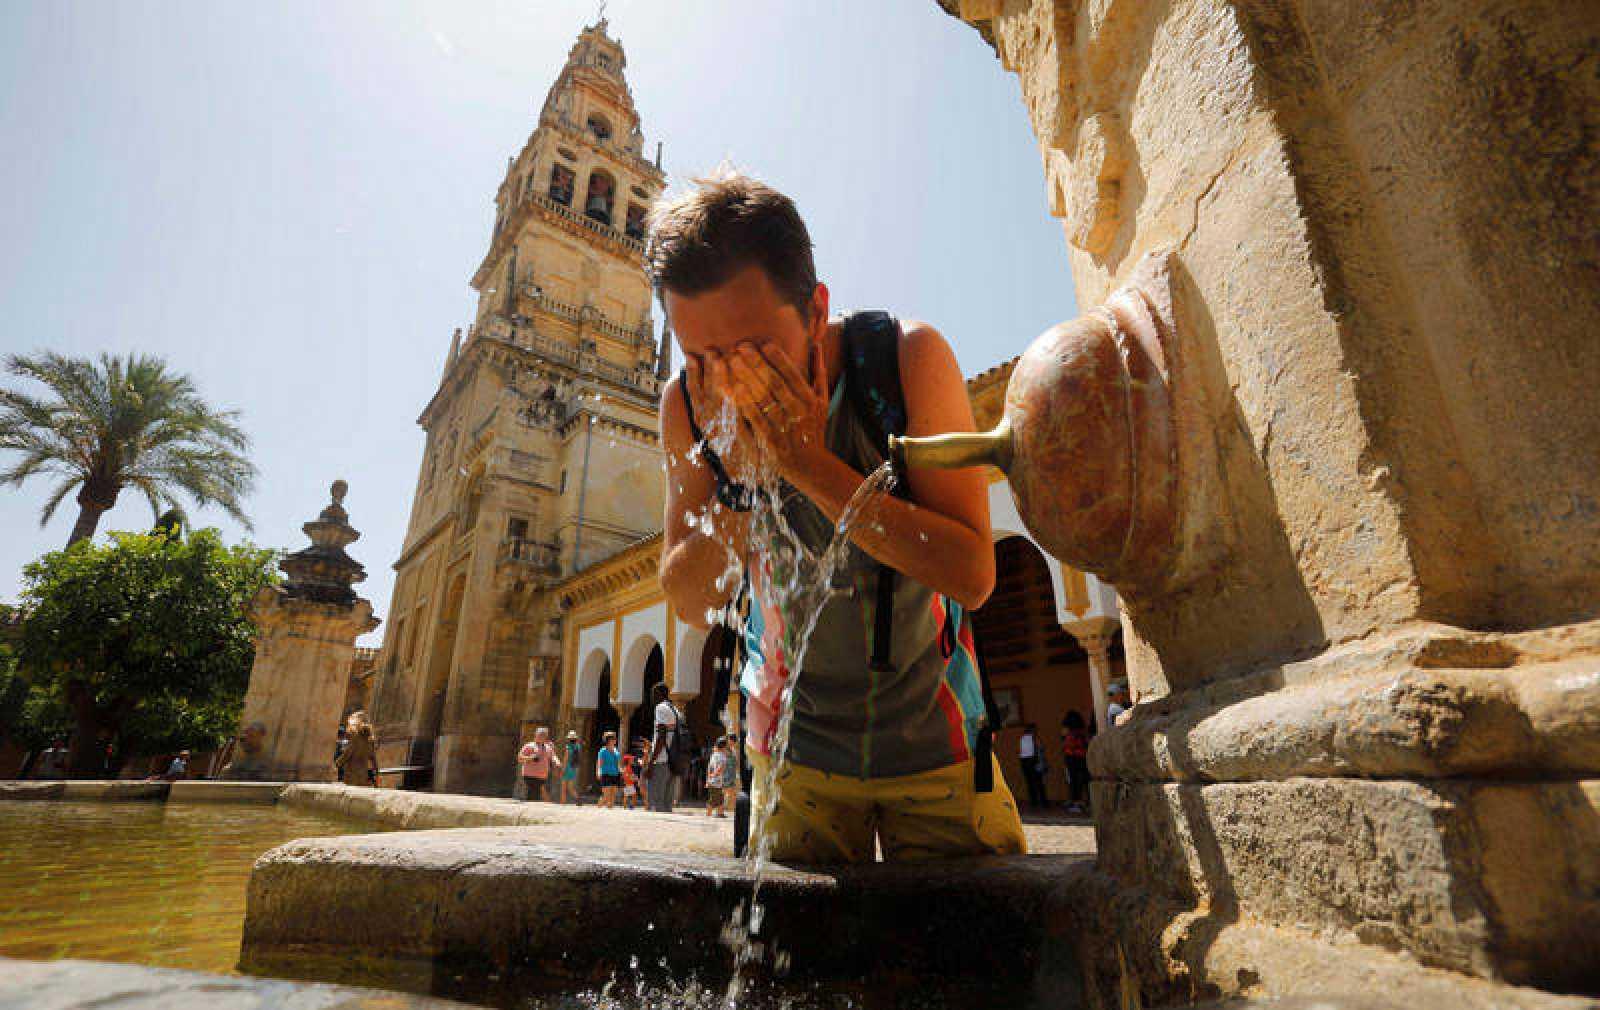 Un turista se refresca en una de las fuentes del patio de los Naranjos de la Mezquita-Catedral de Córdoba